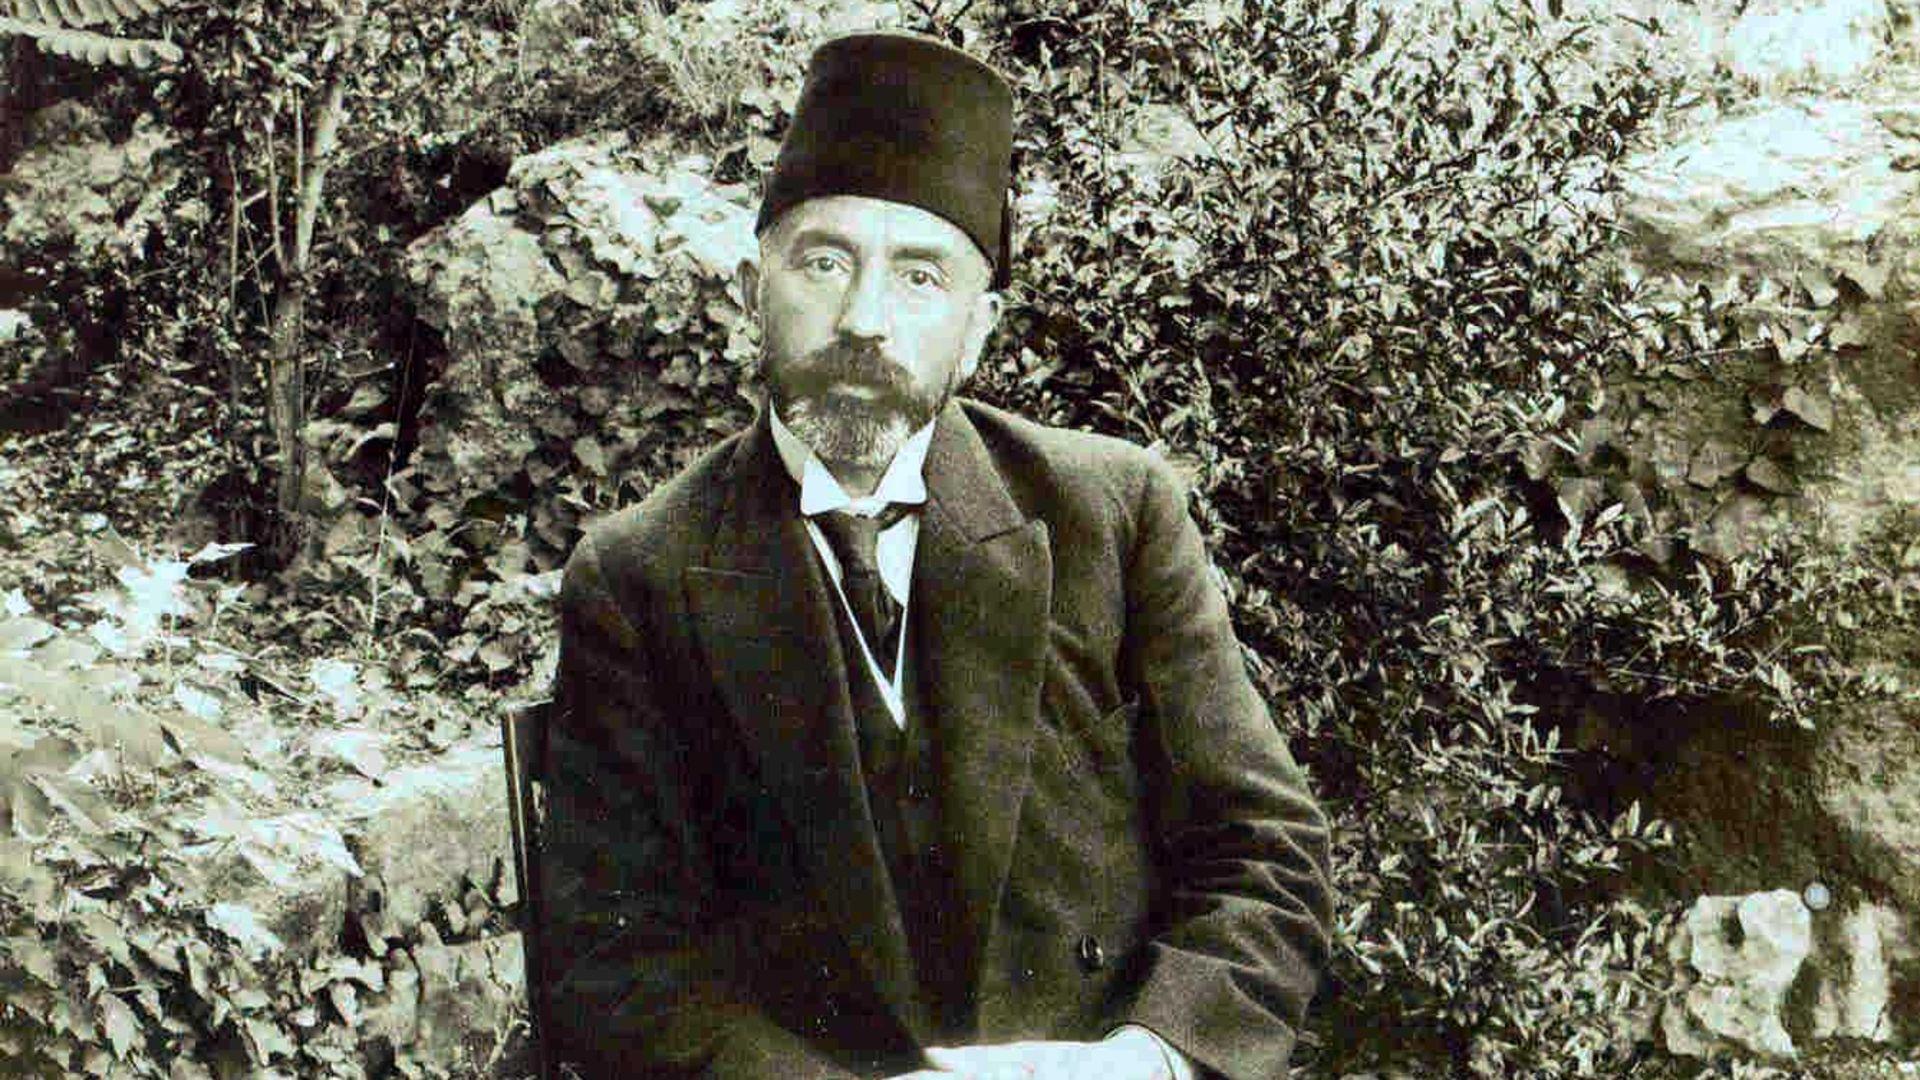 'Korona Günlerinde Şiir'in konuğu 'İstiklal Marşı'nın yazarı Mehmet Akif Ersoy. Aynı zamanda veteriner olan Ersoy, edebiyat öğretmenliği ve milletveki